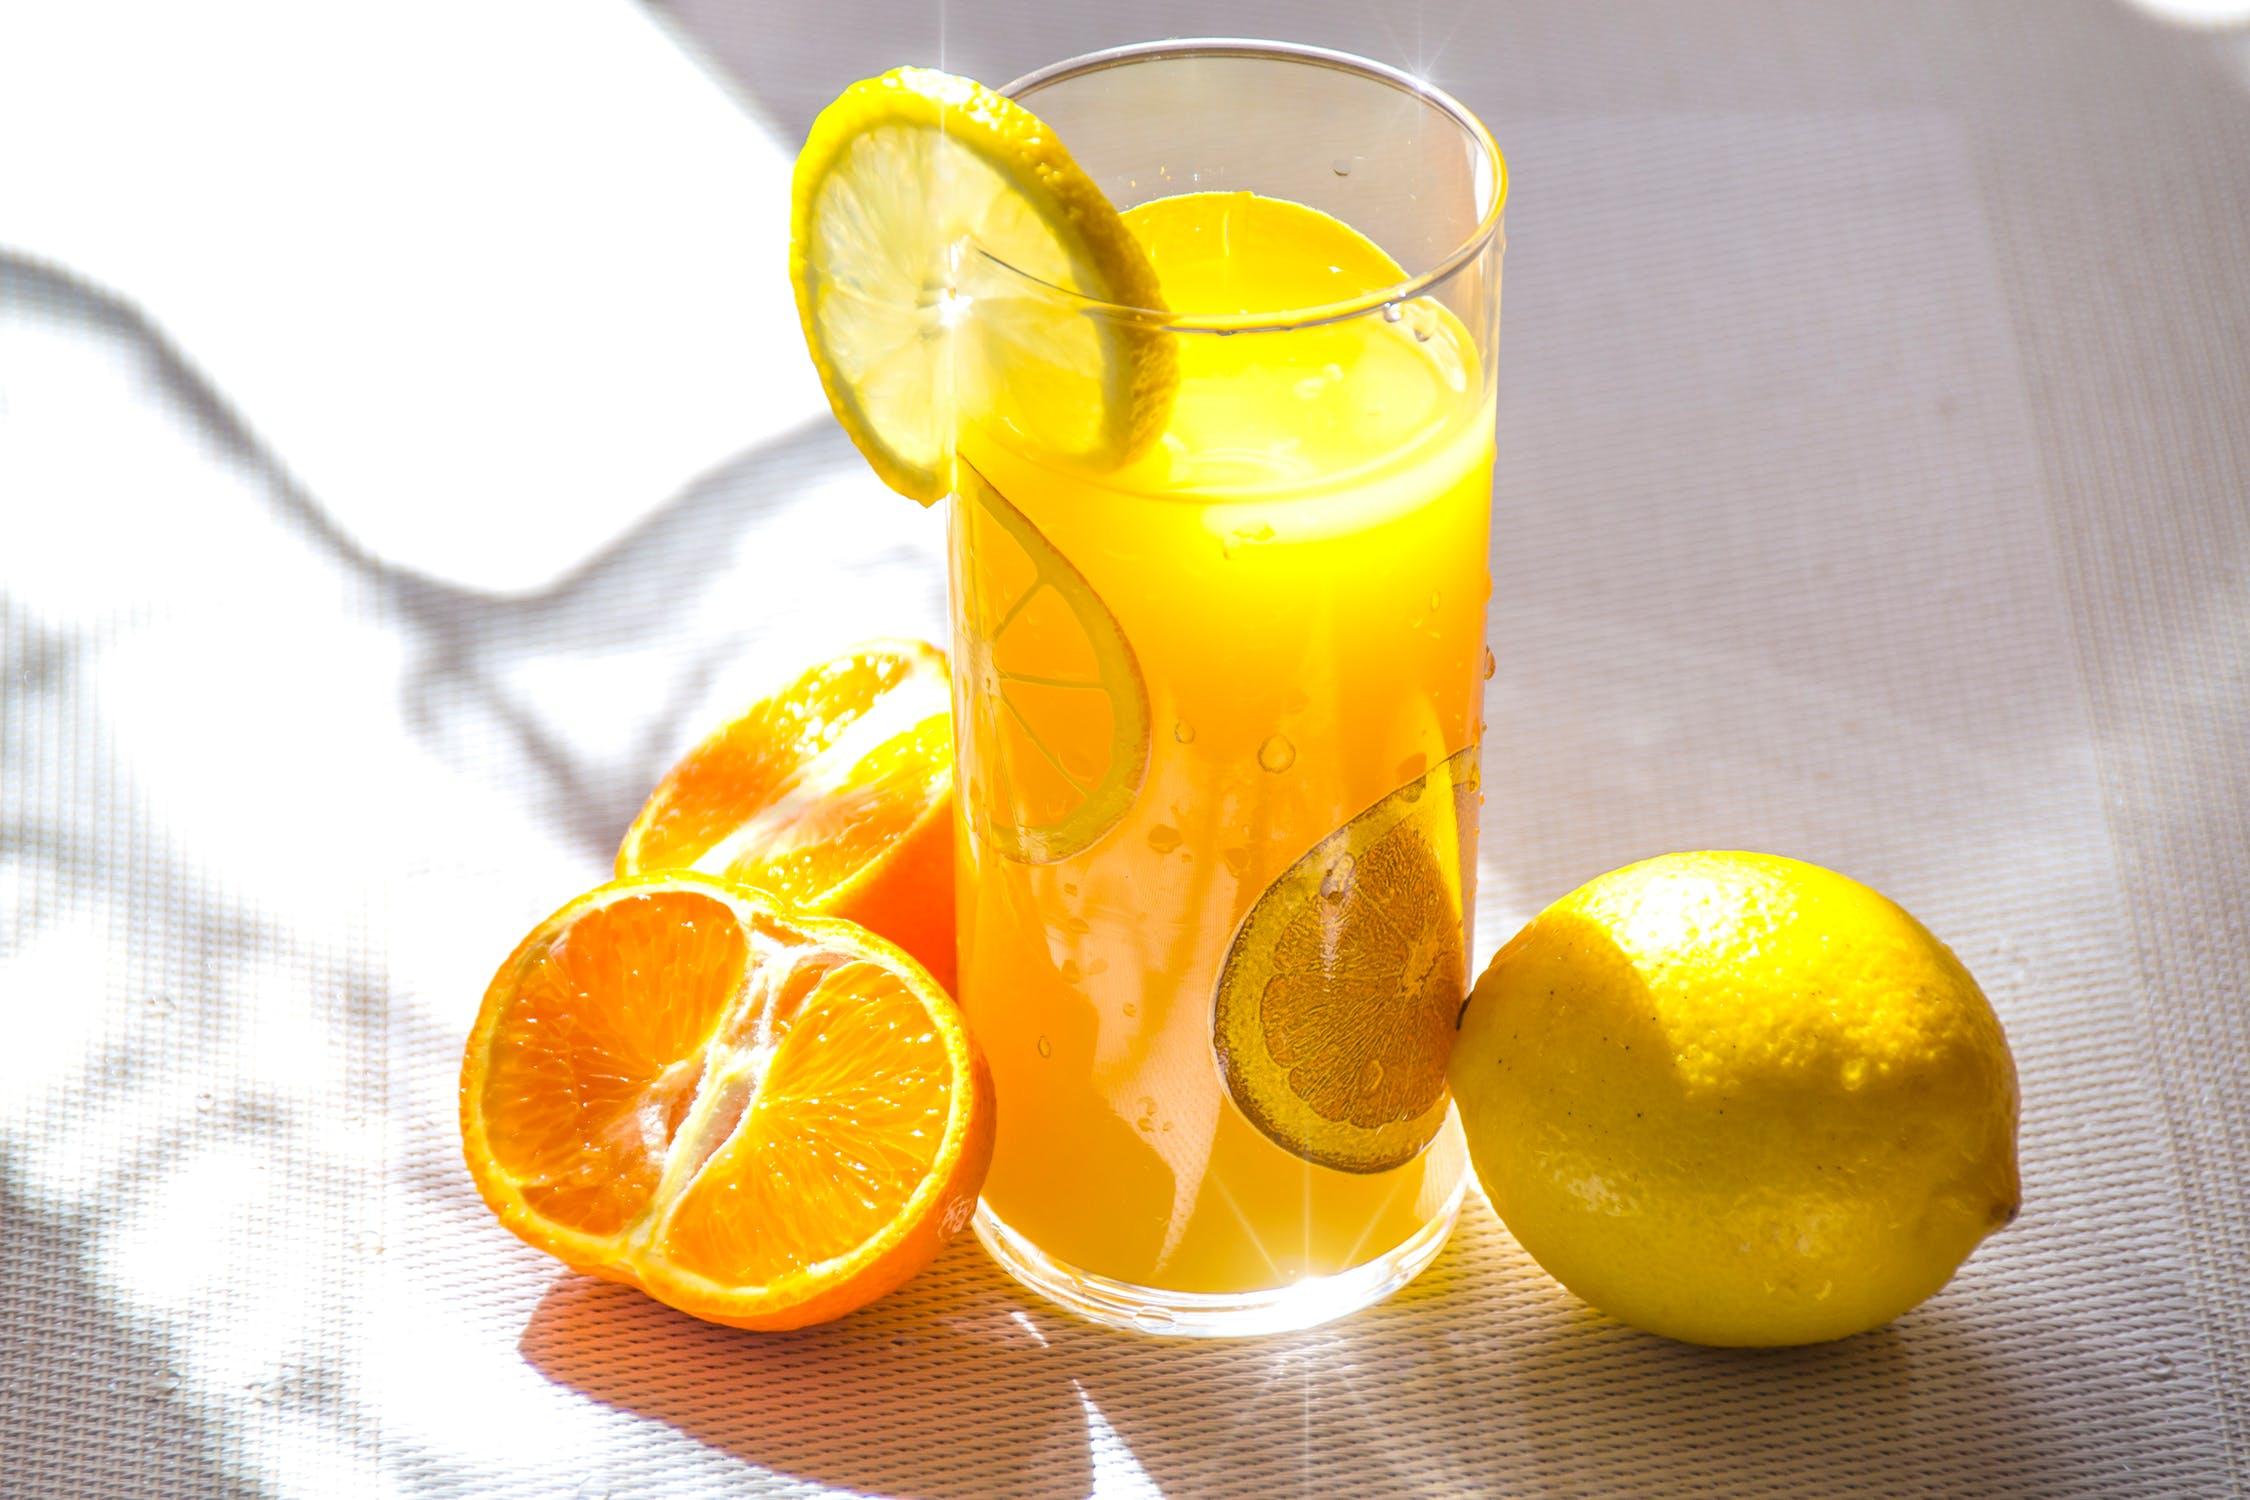 Nước trái cây màu vàng